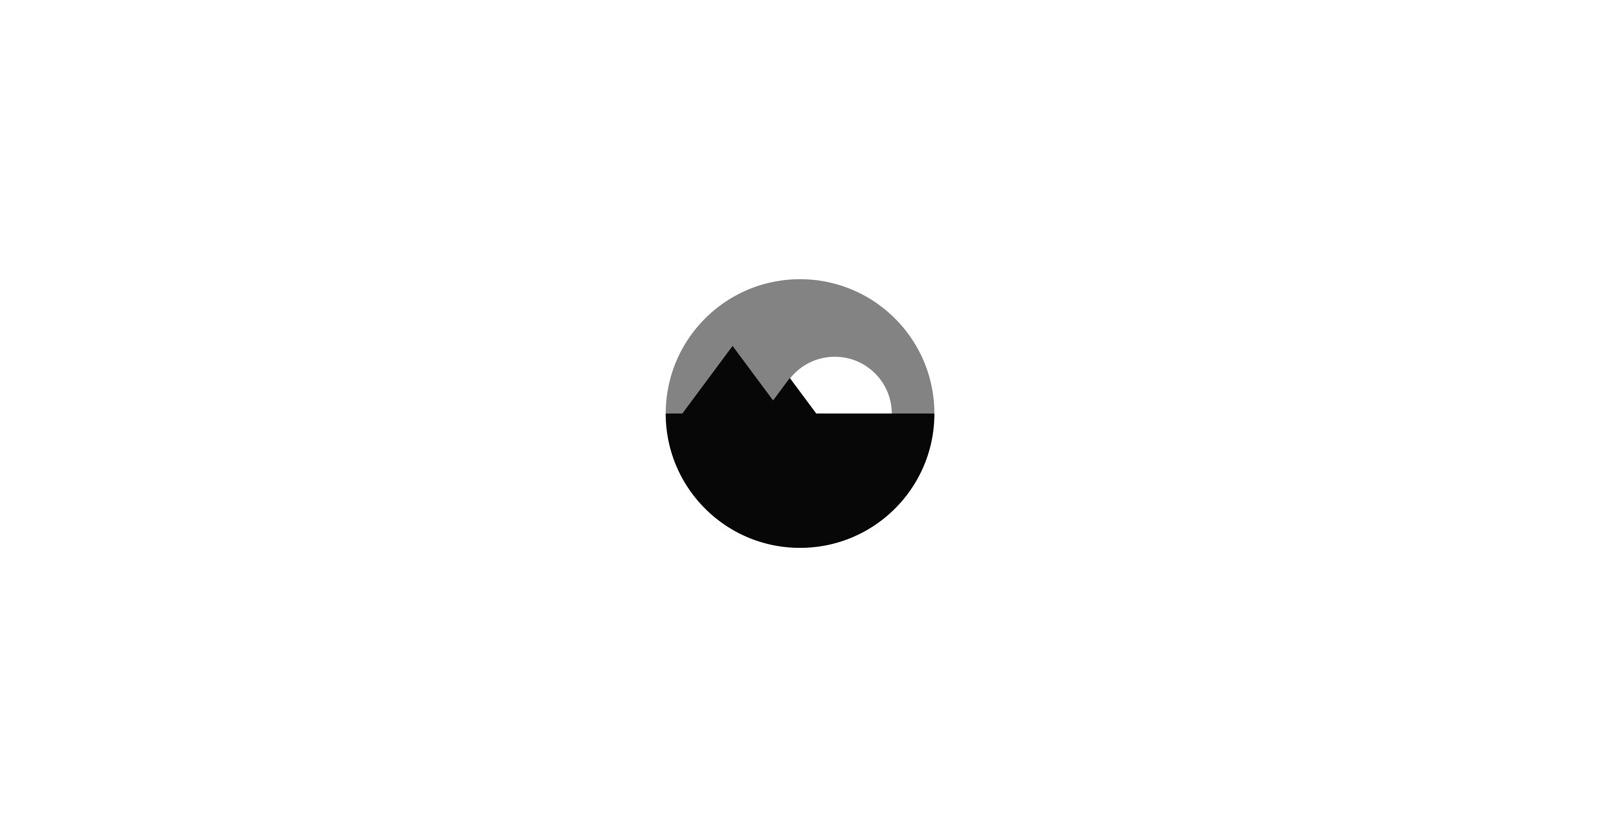 50_logos-37